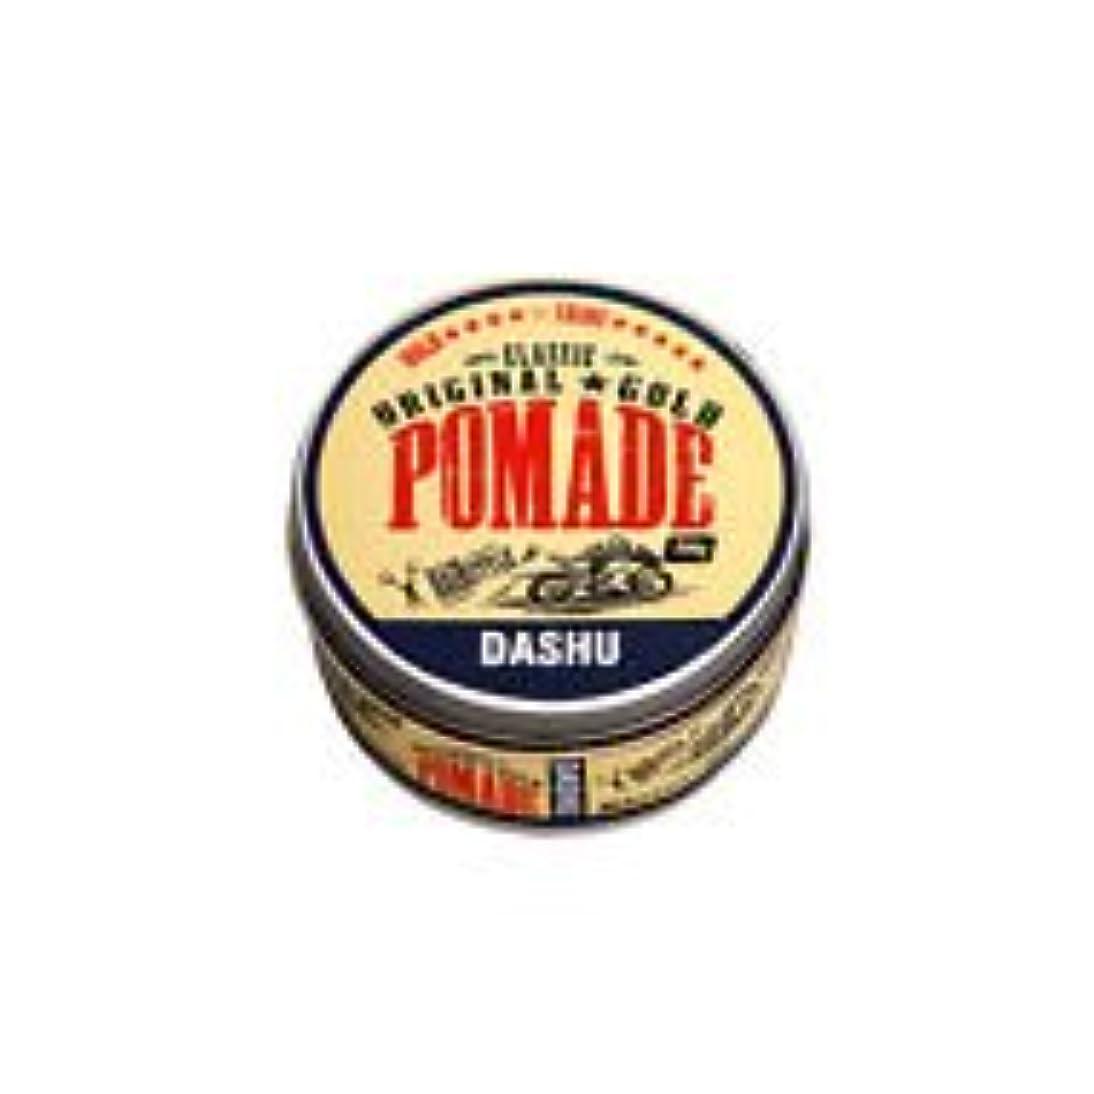 フライト独特のトランペット[DASHU] ダシュ クラシックオリジナルゴールドポマードヘアワックス Classic Original Gold Pomade Hair Wax 100ml / 韓国製 . 韓国直送品